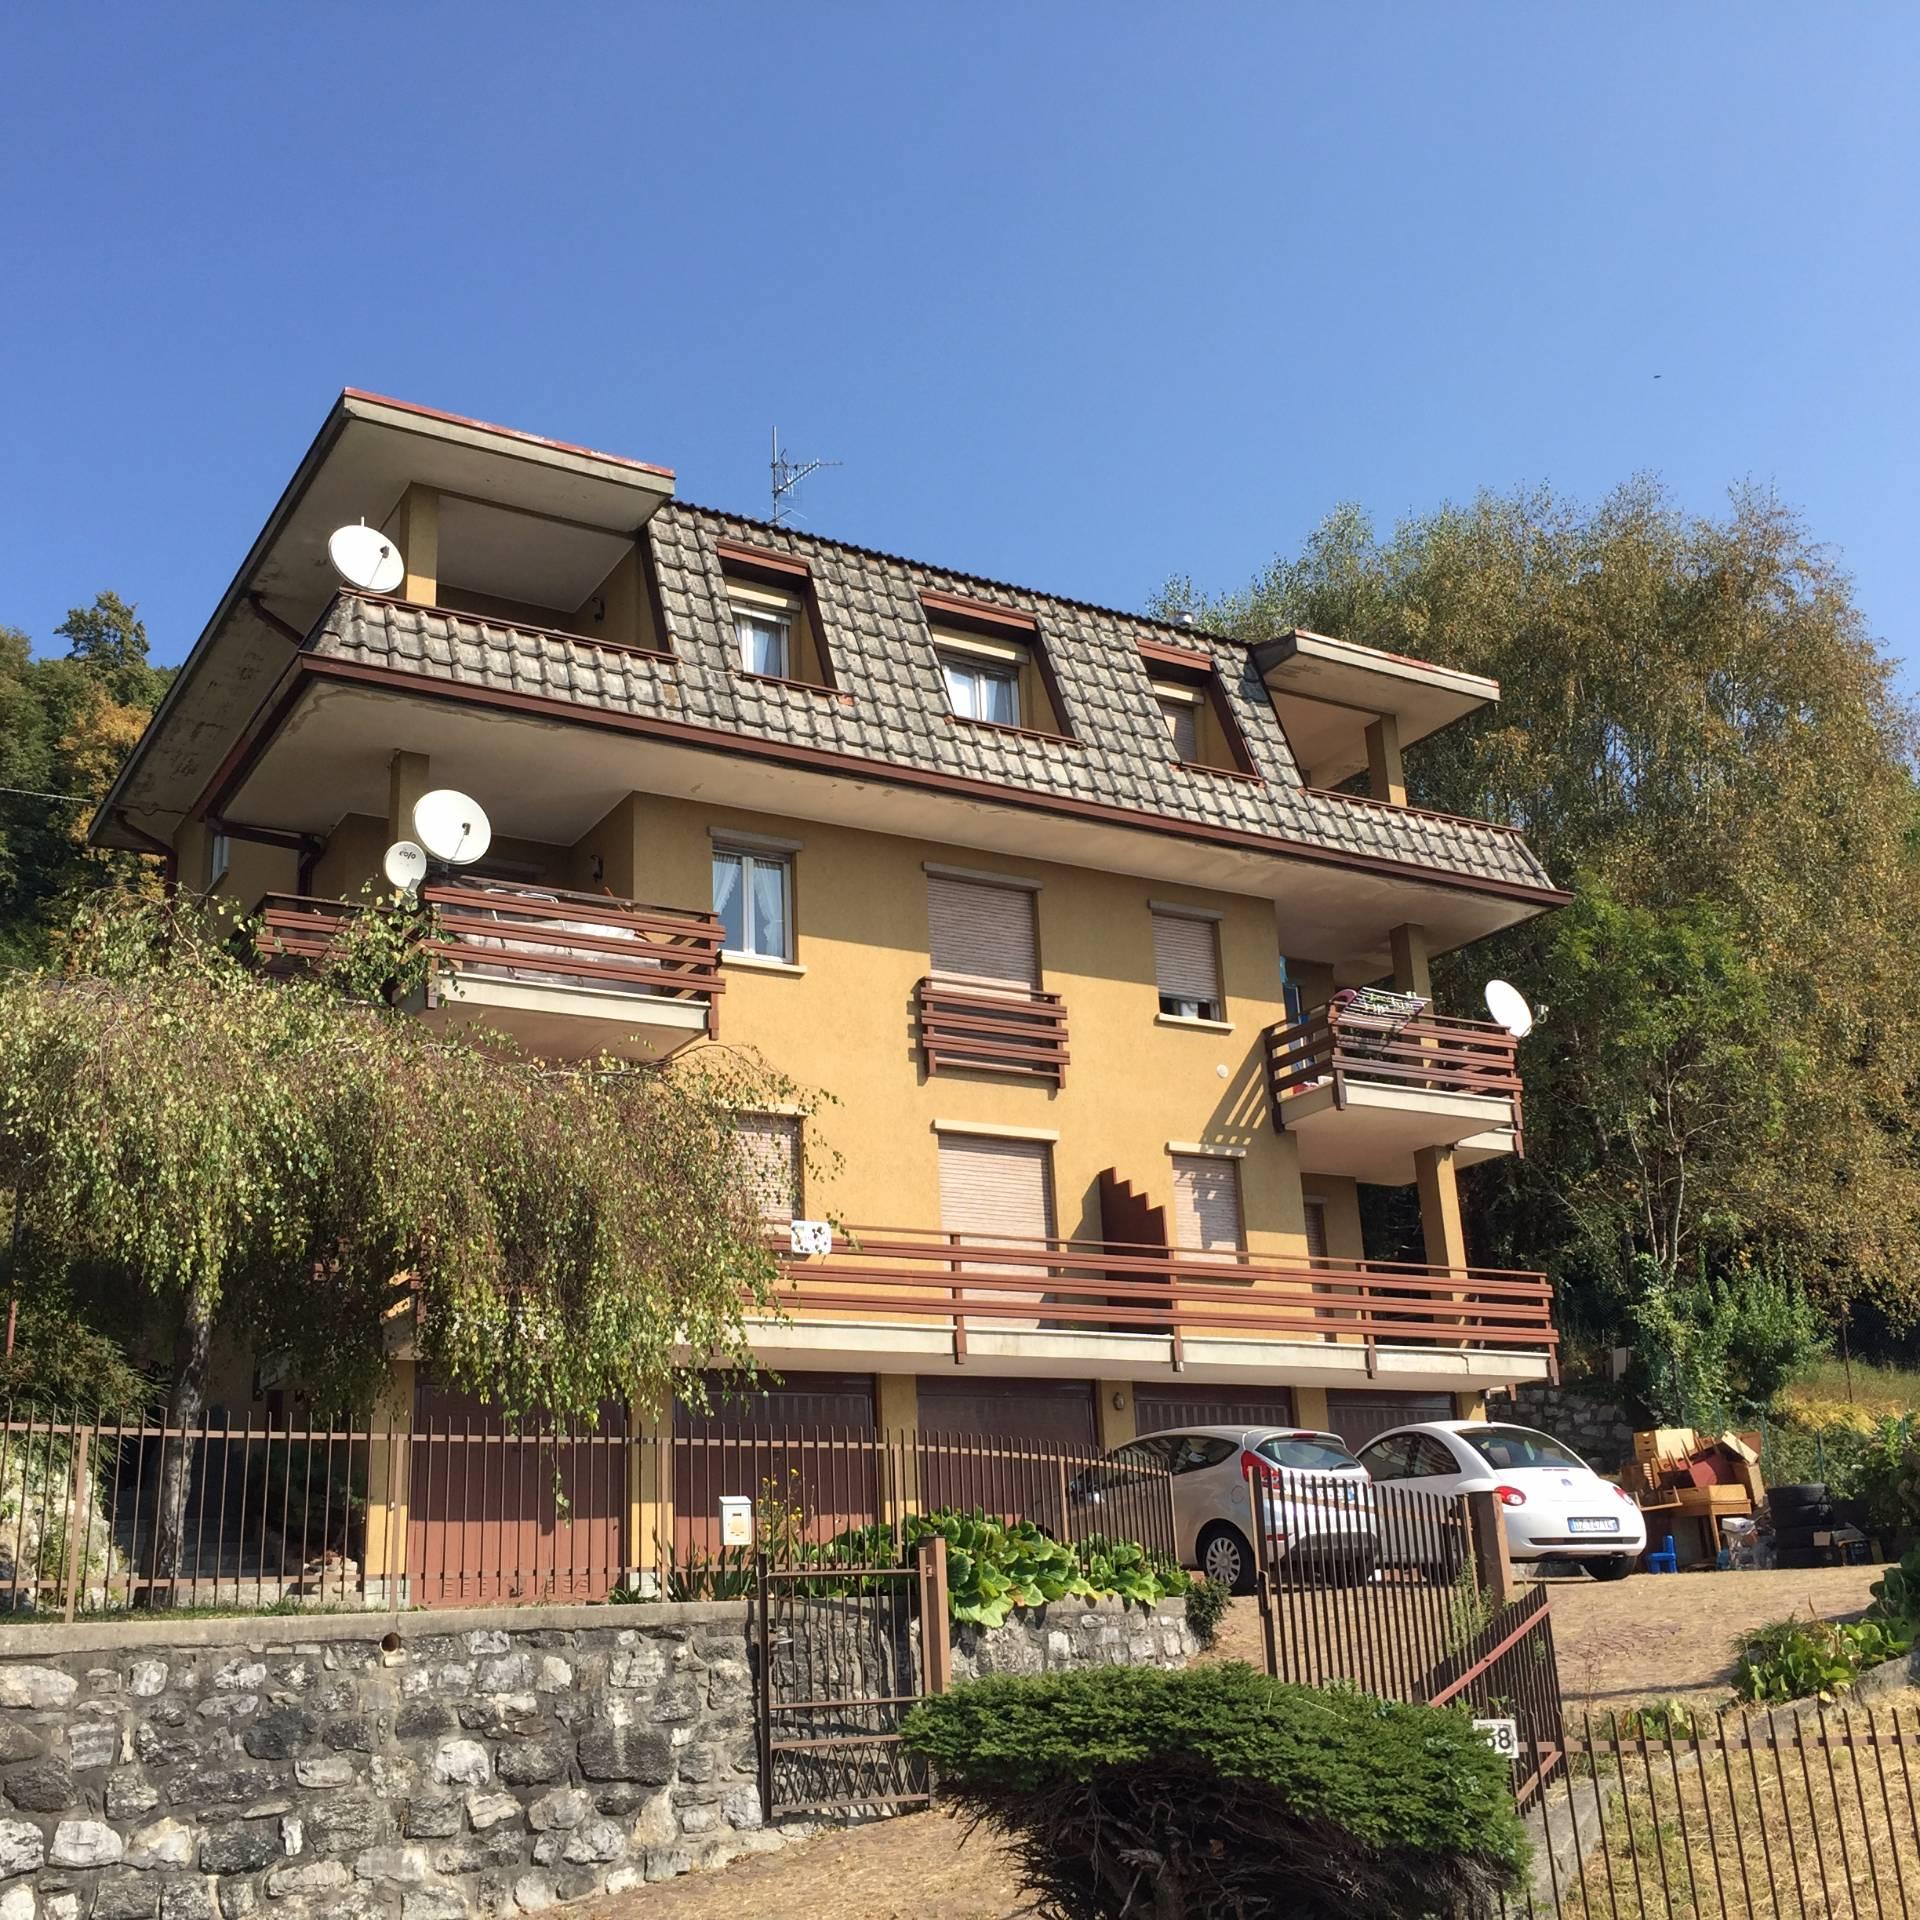 Appartamento in vendita a Sormano, 2 locali, prezzo € 40.000 | CambioCasa.it